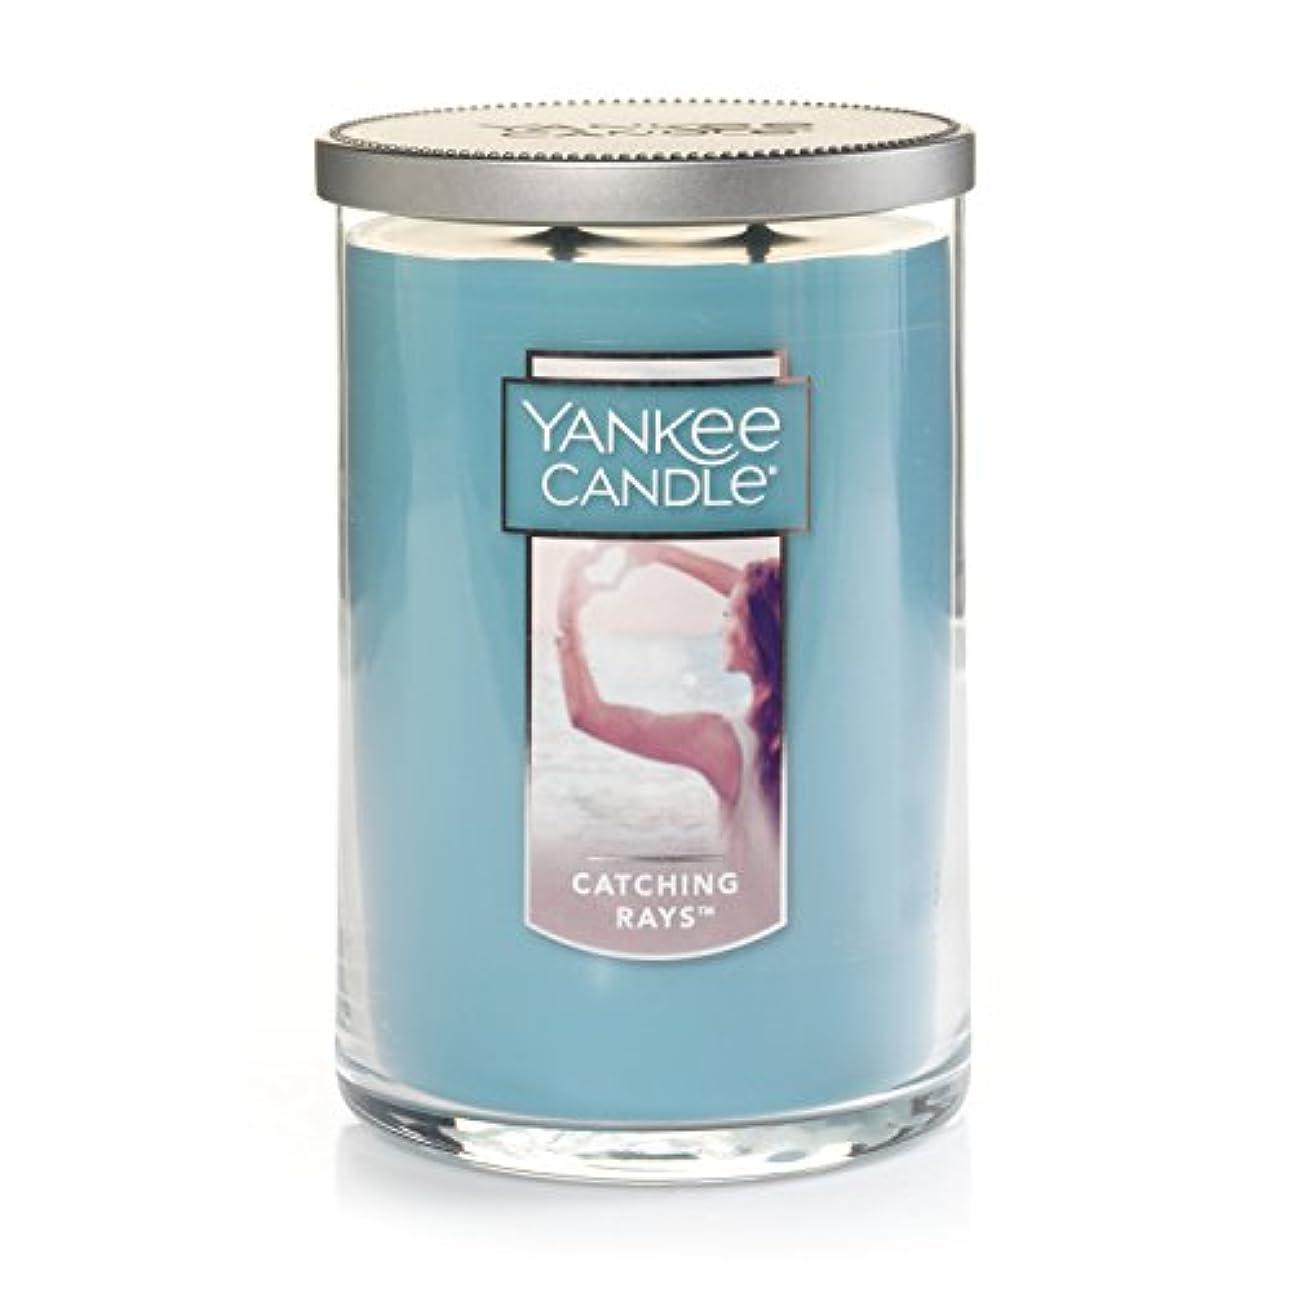 相反する横向き救援(ヤンキーキャンドル) Yankee Candle Lサイズ ジャーキャンドル Large 2-Wick Tumbler Candle ブルー 1351630Z